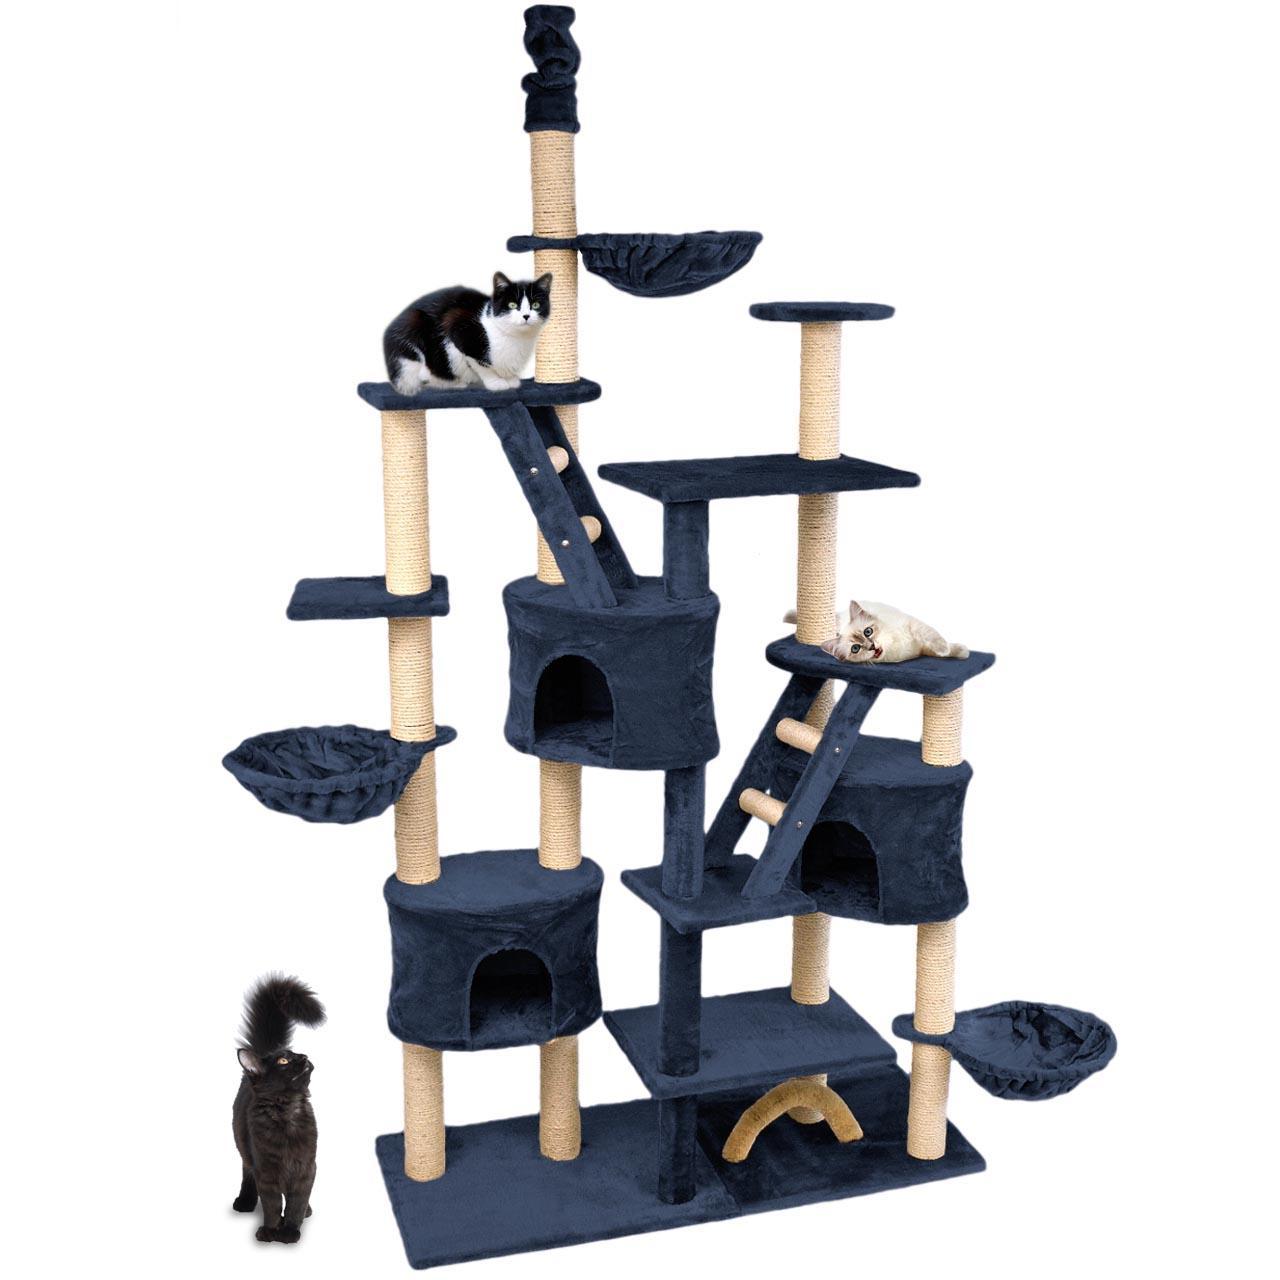 kratzbaum katzenkratzbaum katzenbaum katzen deckenhoch farbwahl xxl kletterbaum ebay. Black Bedroom Furniture Sets. Home Design Ideas